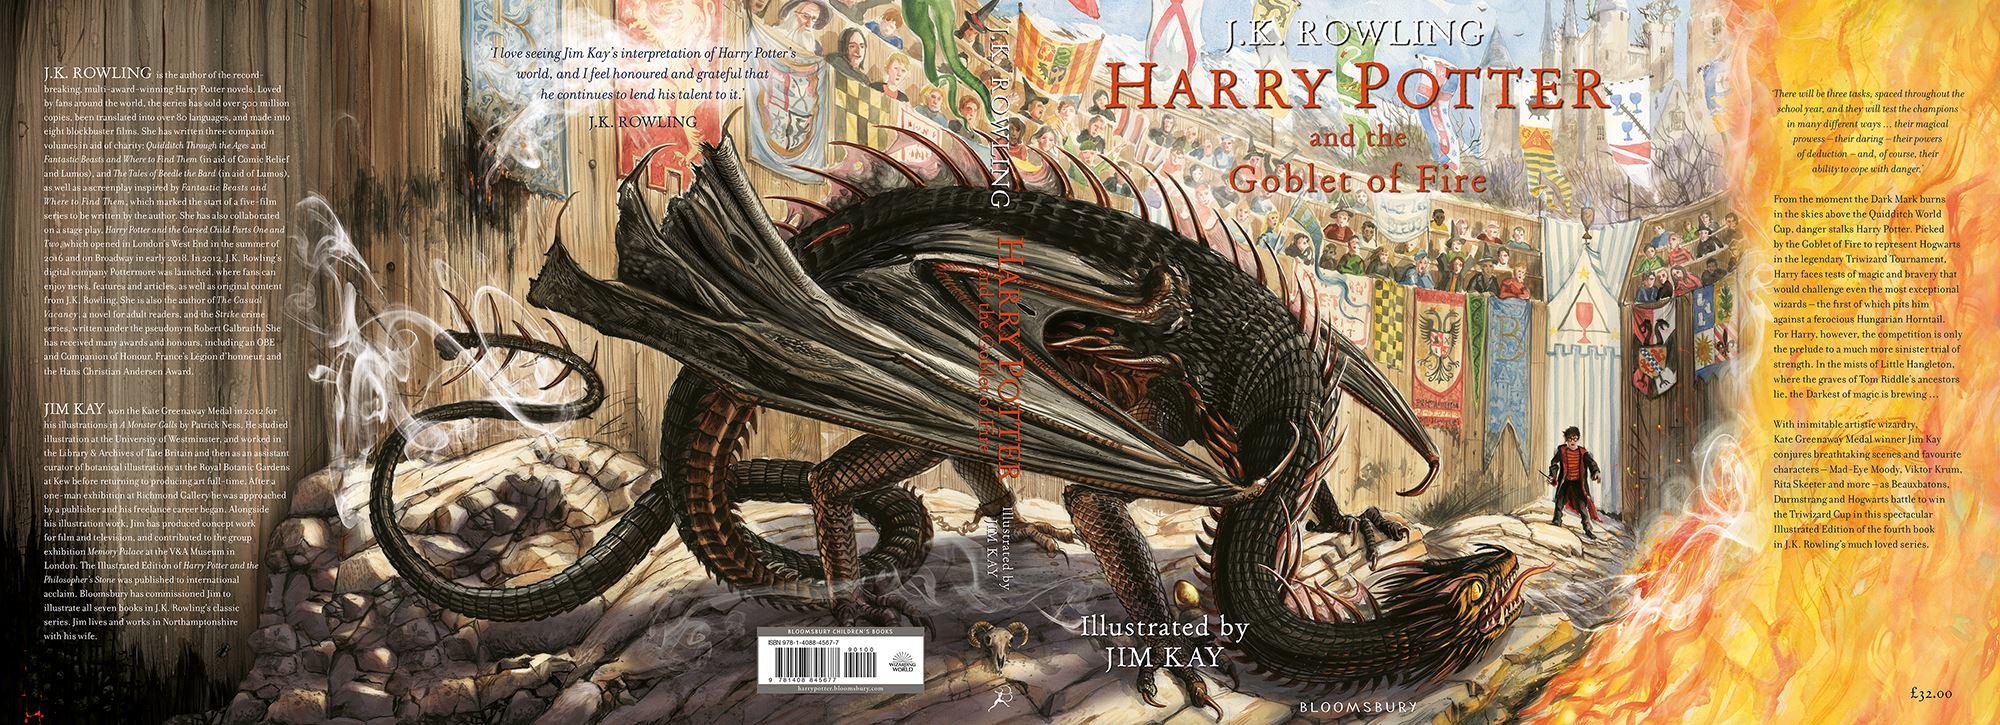 Portada de la edición ilustrada de Harry Potter y el cáliz de fuego